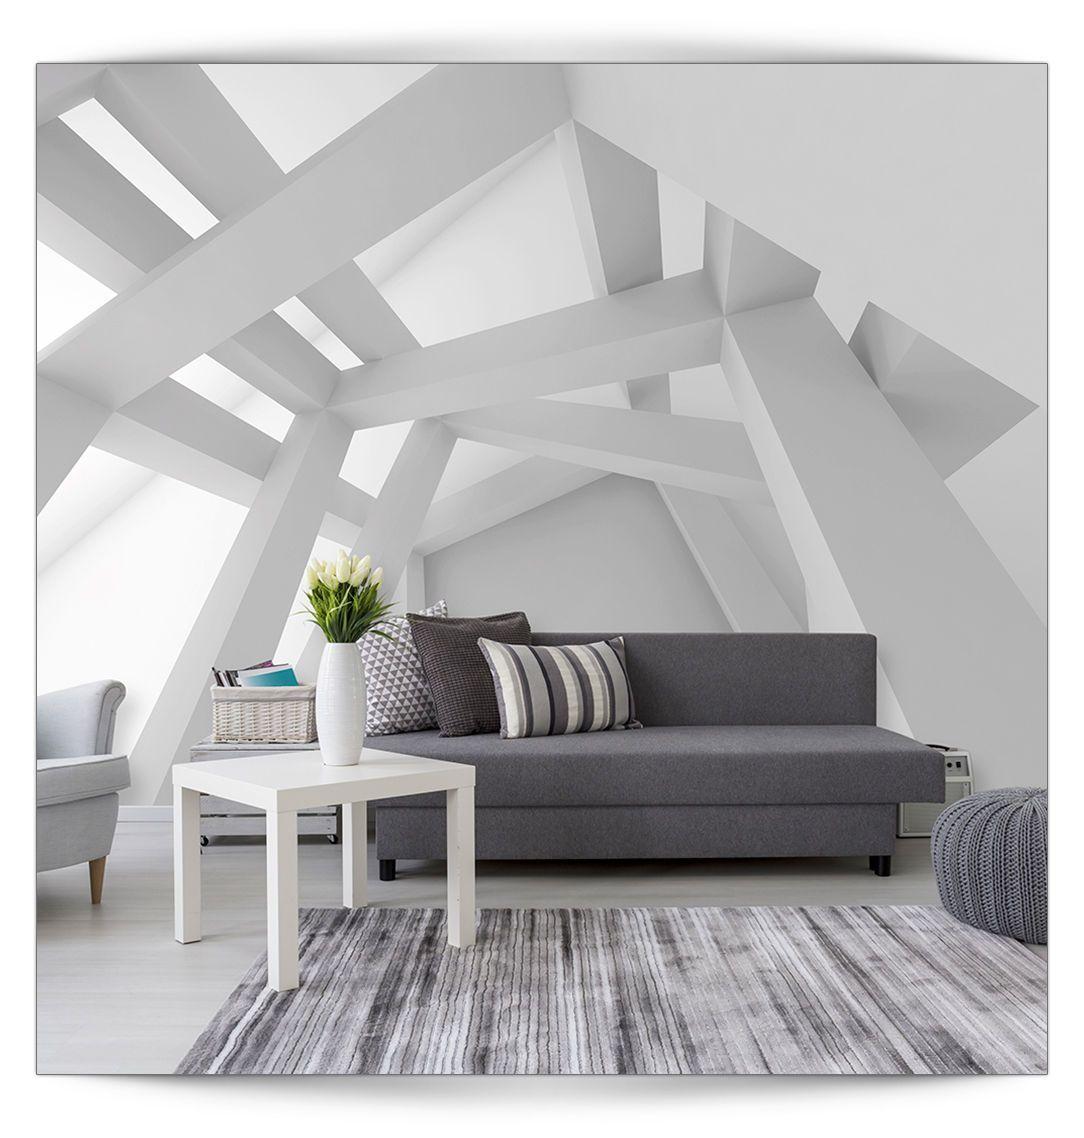 Tapeten Für Schlafzimmer Mit Dachschräge: Tapeten Für Schlafzimmer Mit Schräge